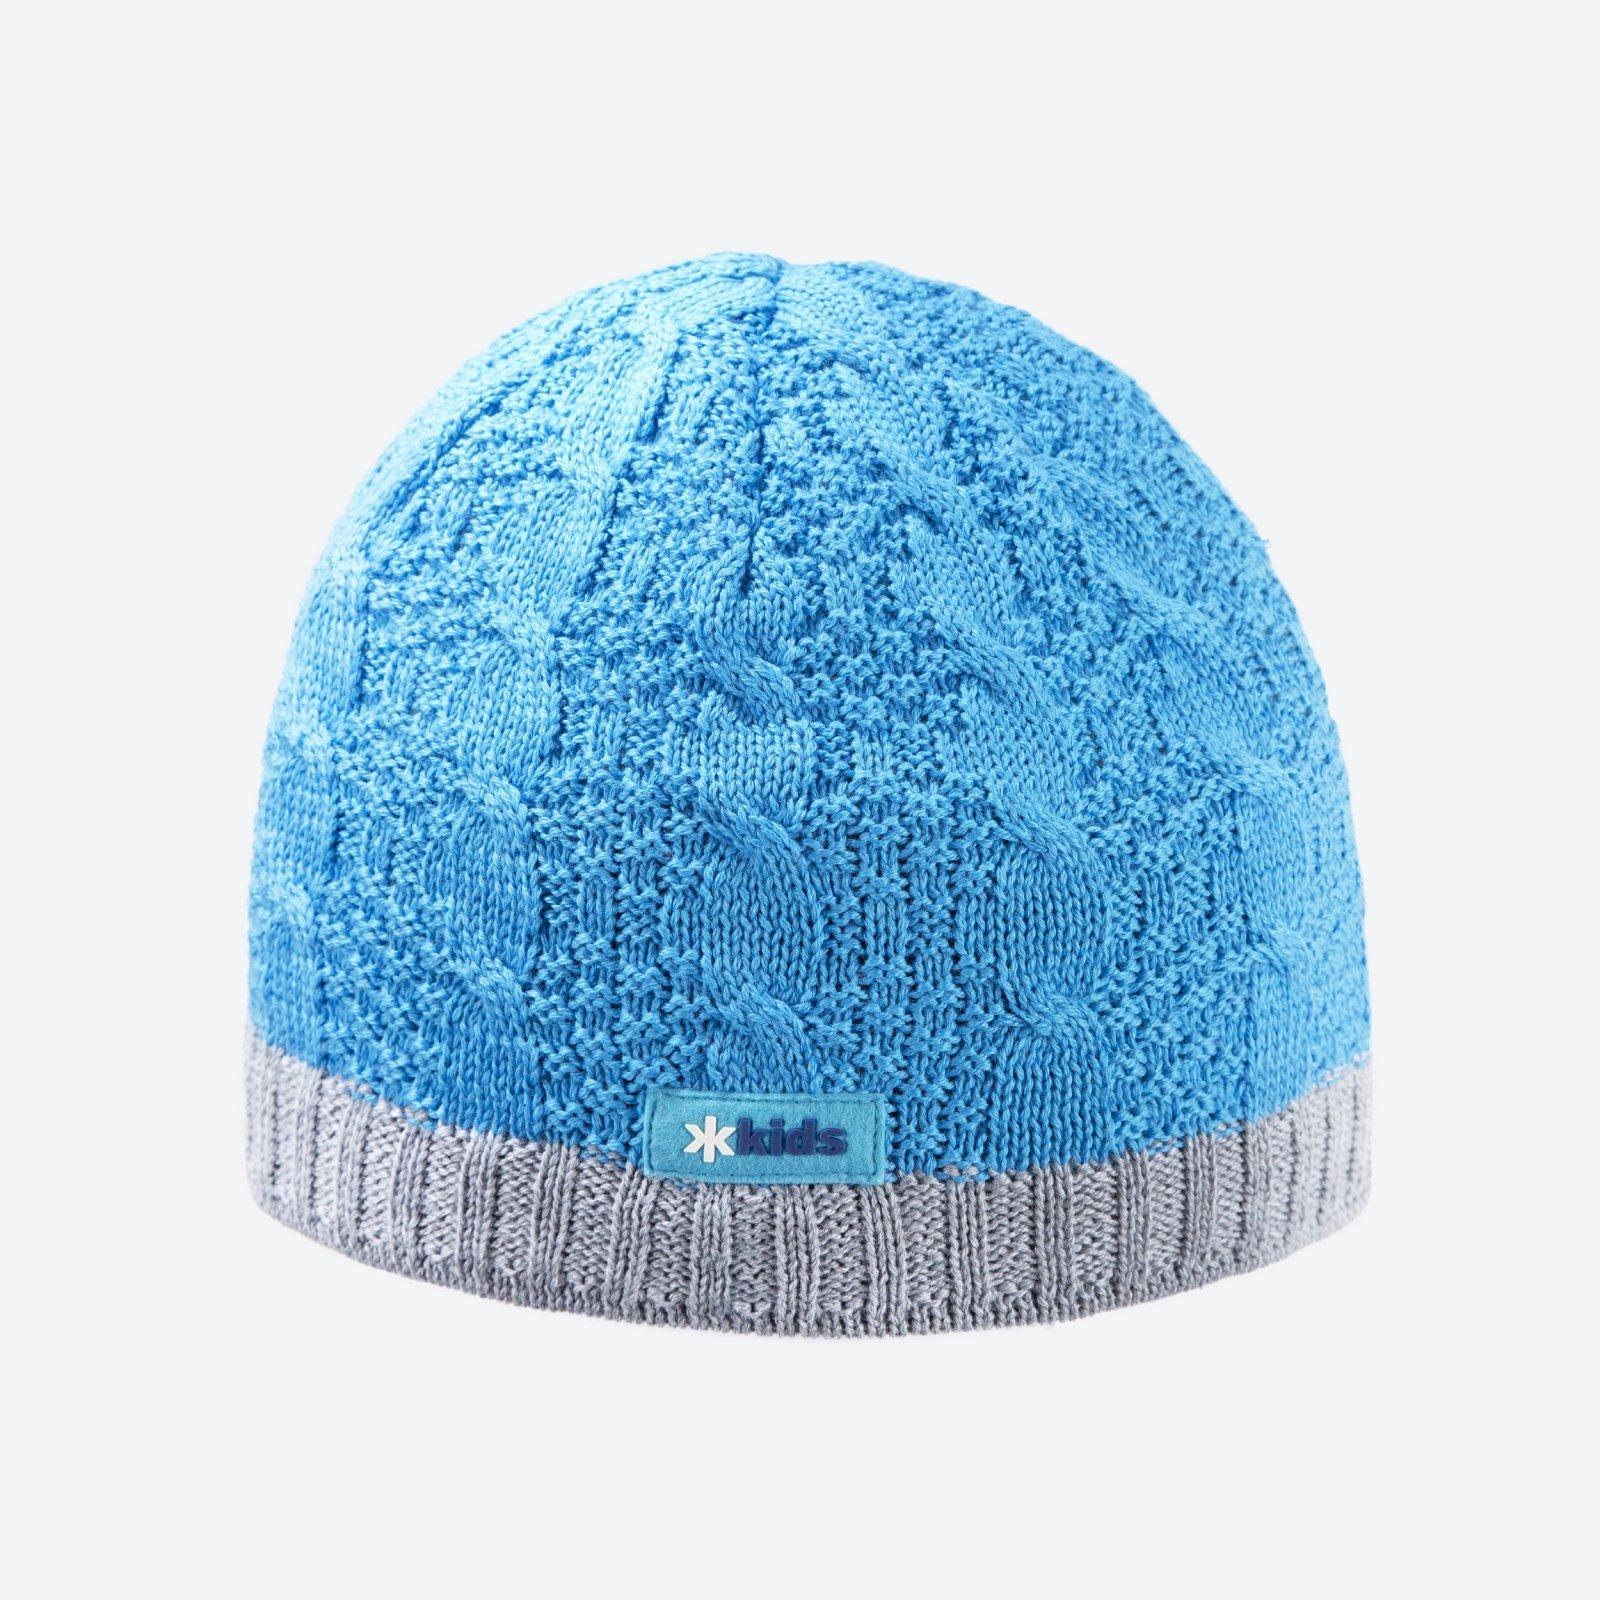 cb46e94ce74 Dětská pletená Merino čepice Kama B80 modrá